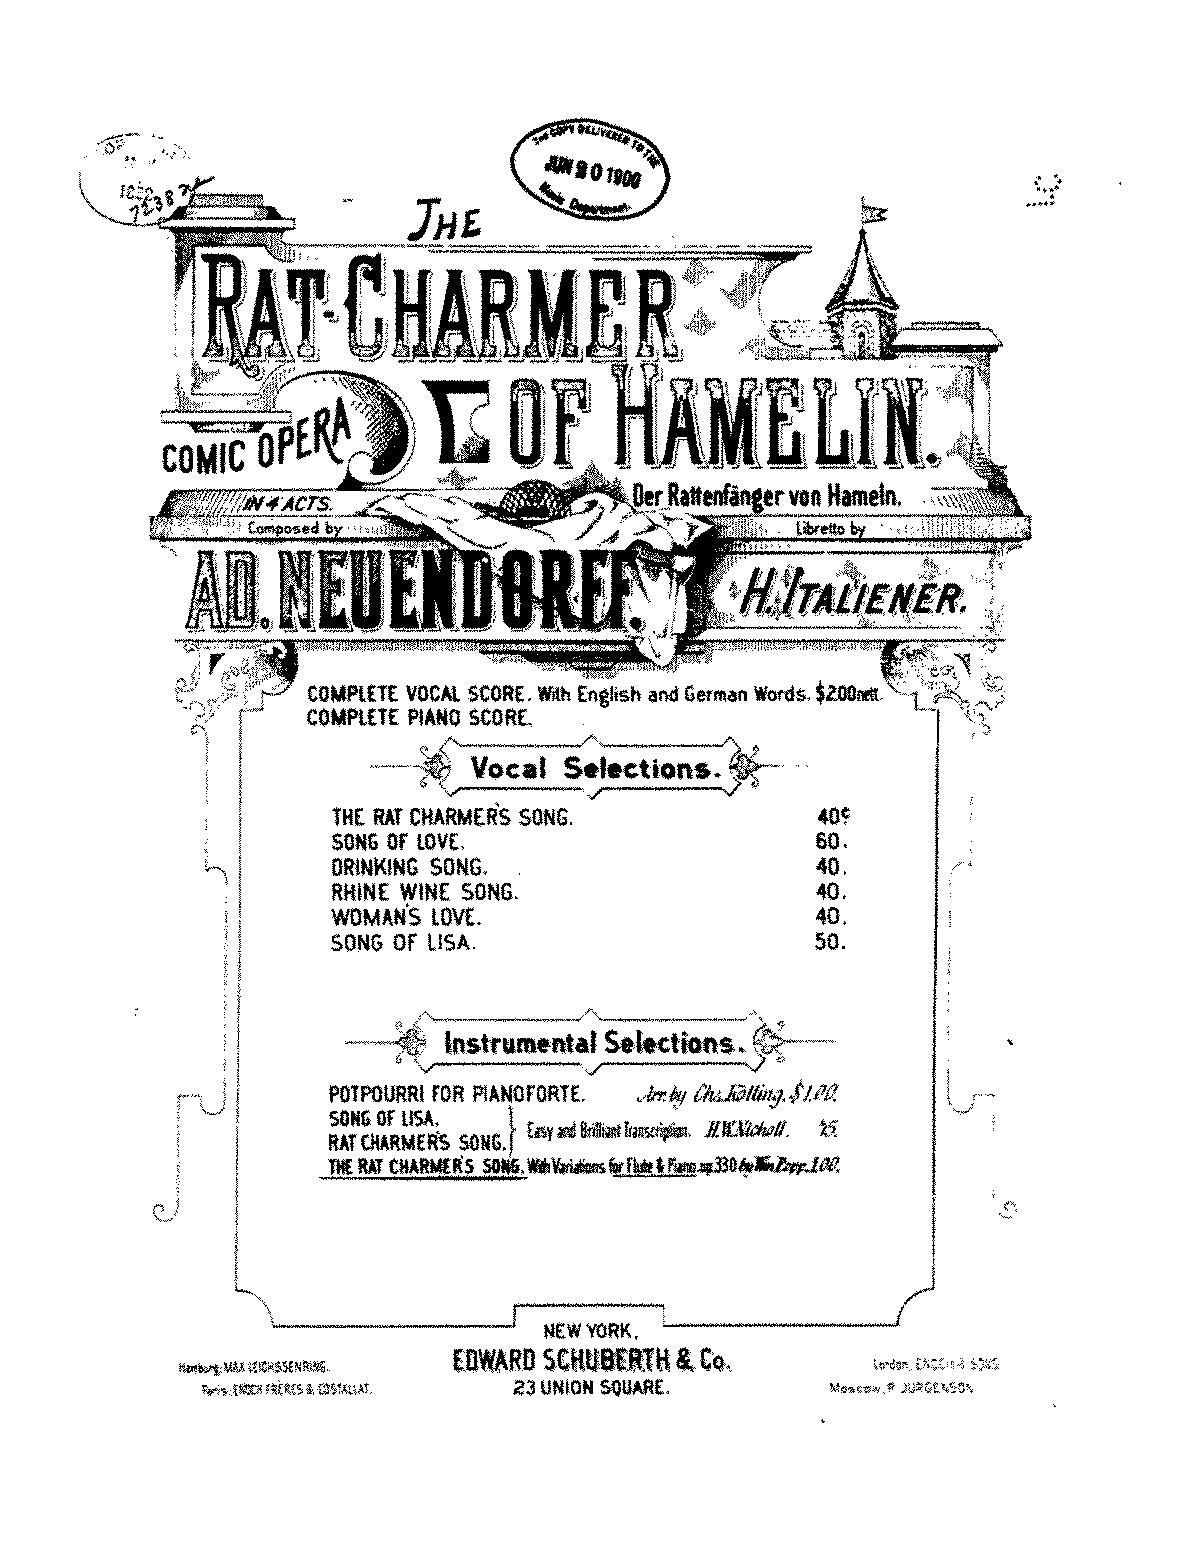 Variations after Neuendorff's Die Rattenfänger von Hameln